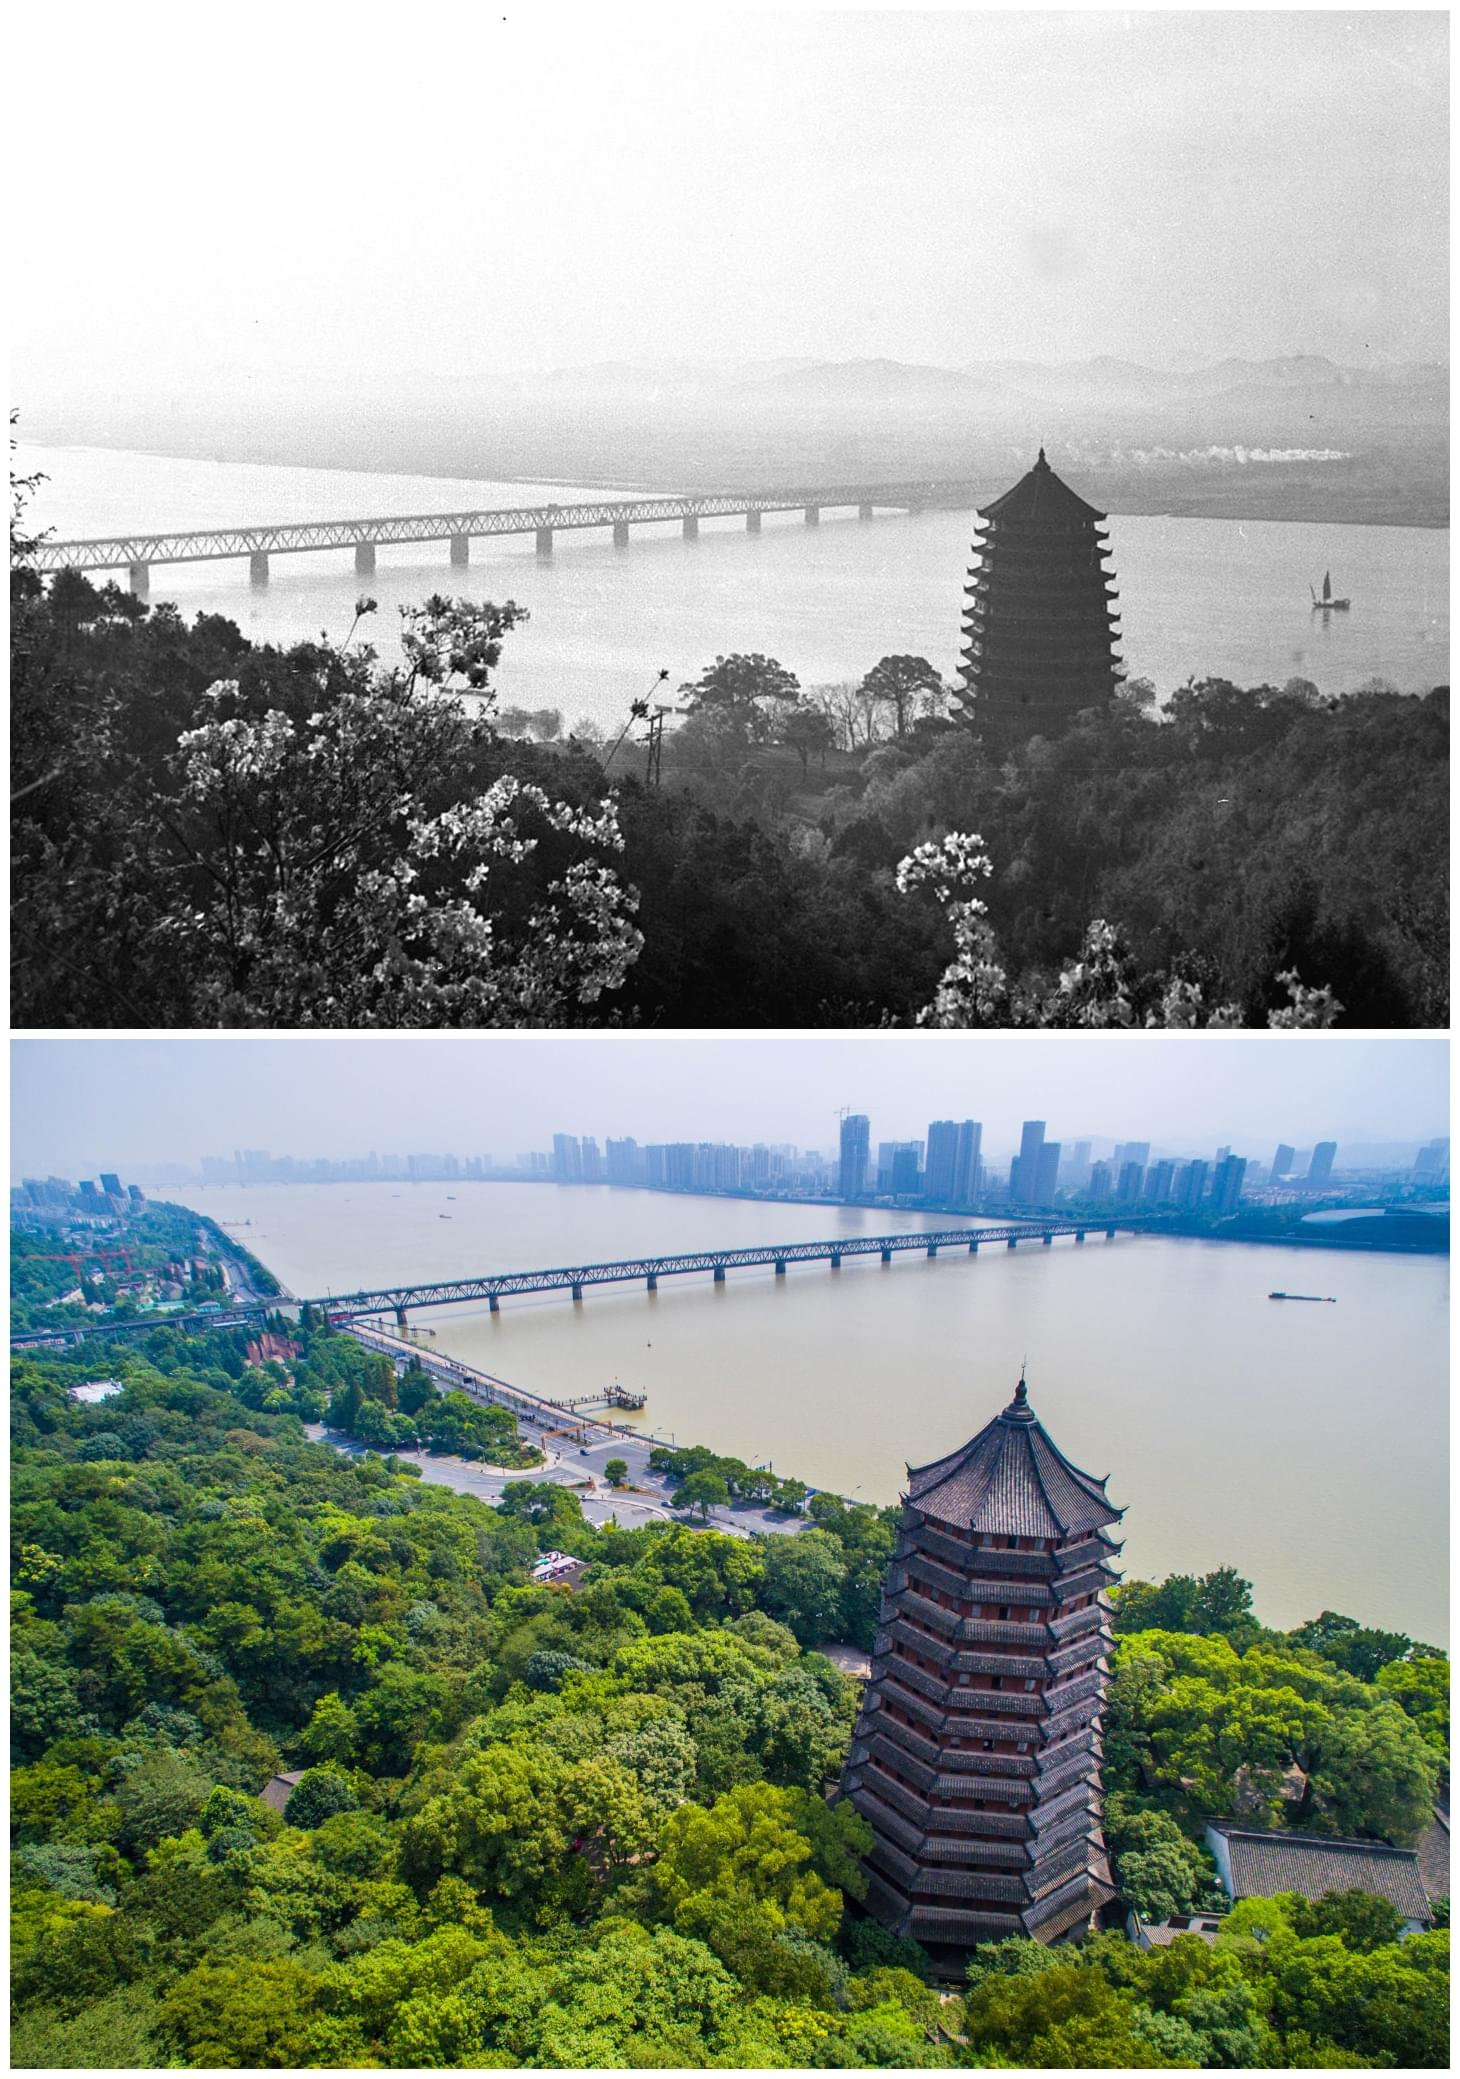 位于杭州钱塘江边的六和塔(拼版照片:上图为新华社1962年播发的资料